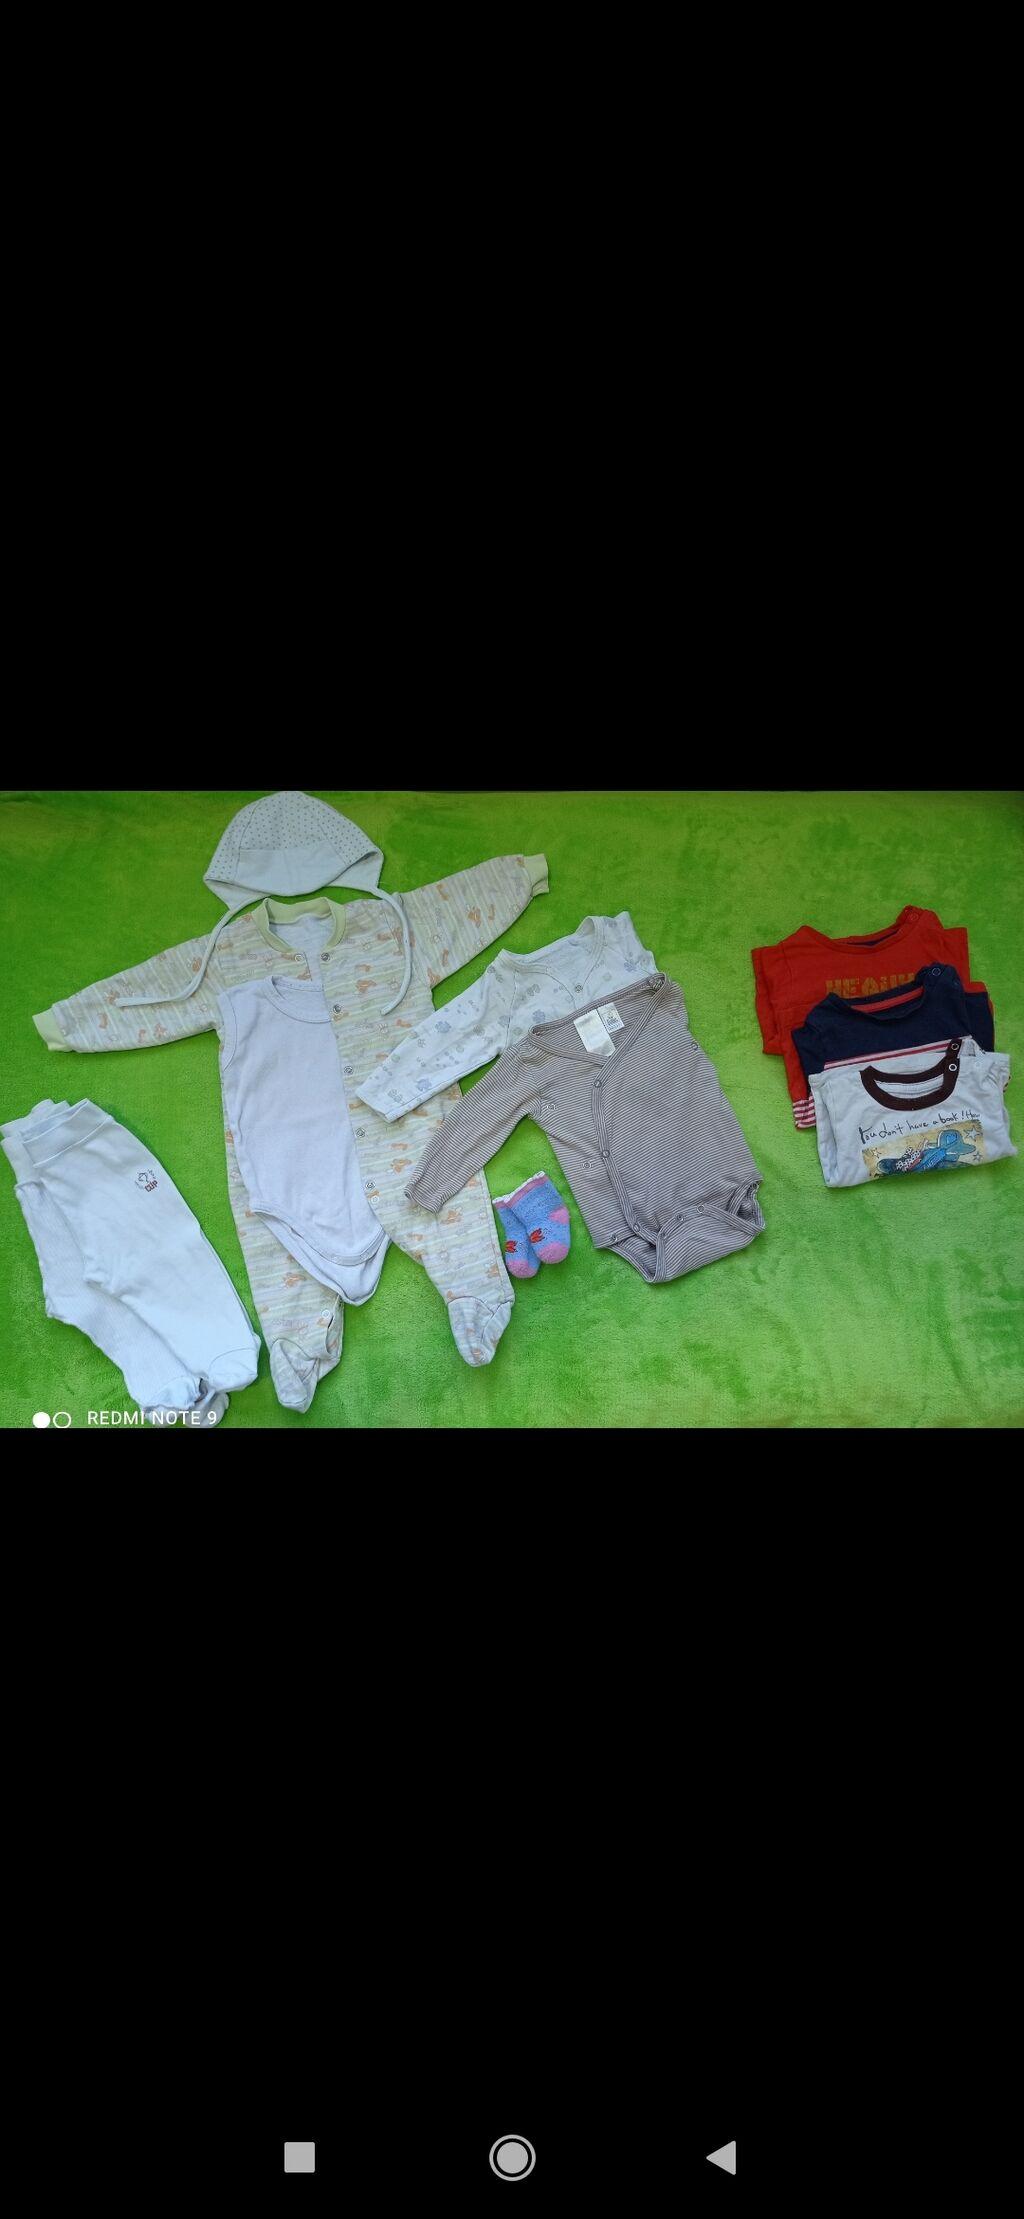 Детские вещи с рождения до 6 месяцев. вещи качественные от фирм: Детские вещи с рождения до 6 месяцев. вещи качественные от фирм